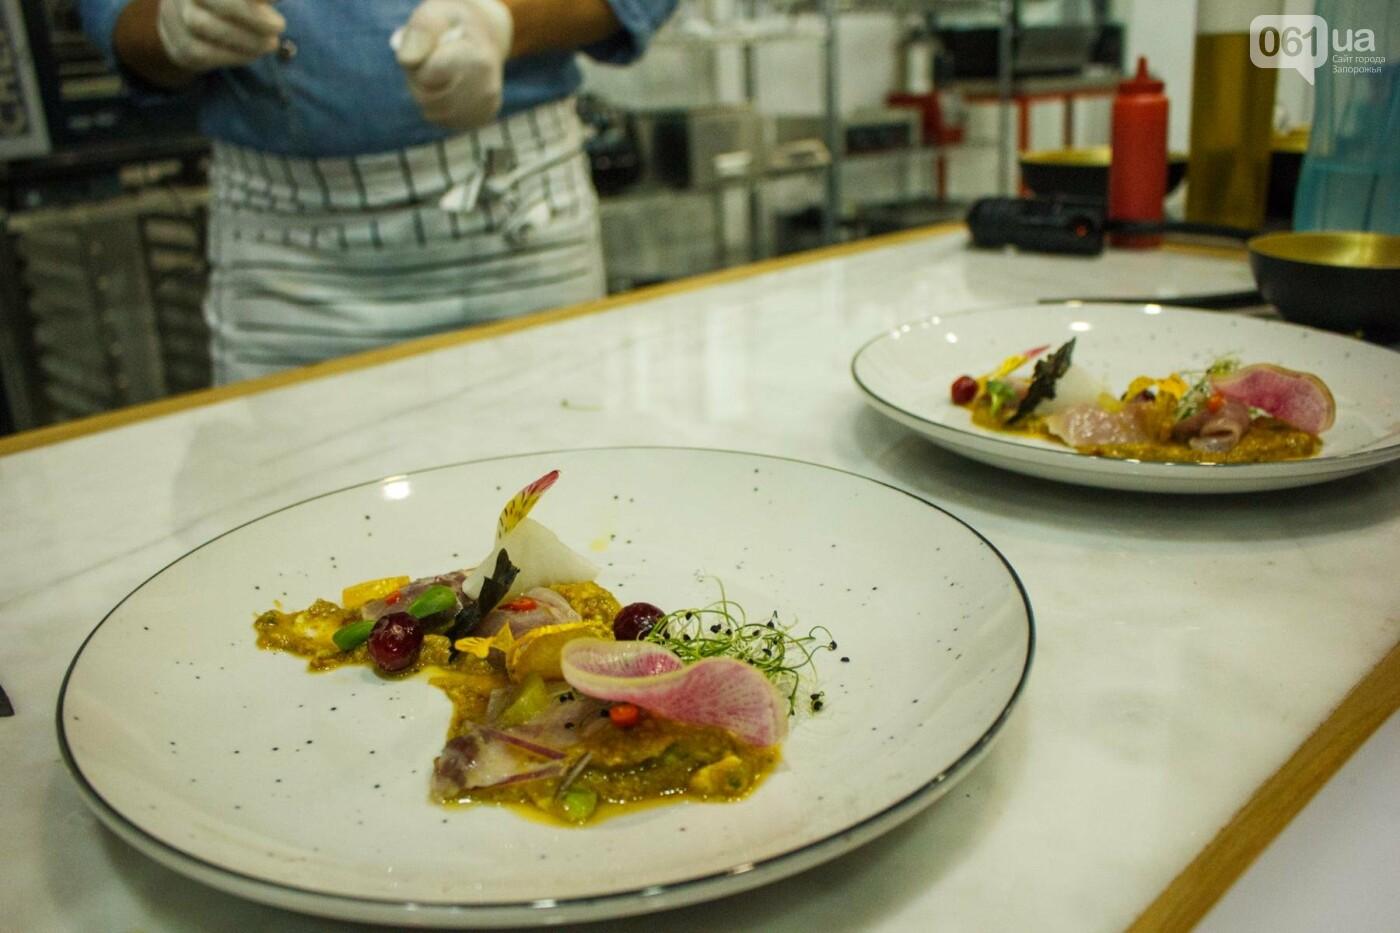 Шеф-повара запорожских ресторанов провели мастер-класс для горожан: как это было, - ФОТОРЕПОРТАЖ, фото-38